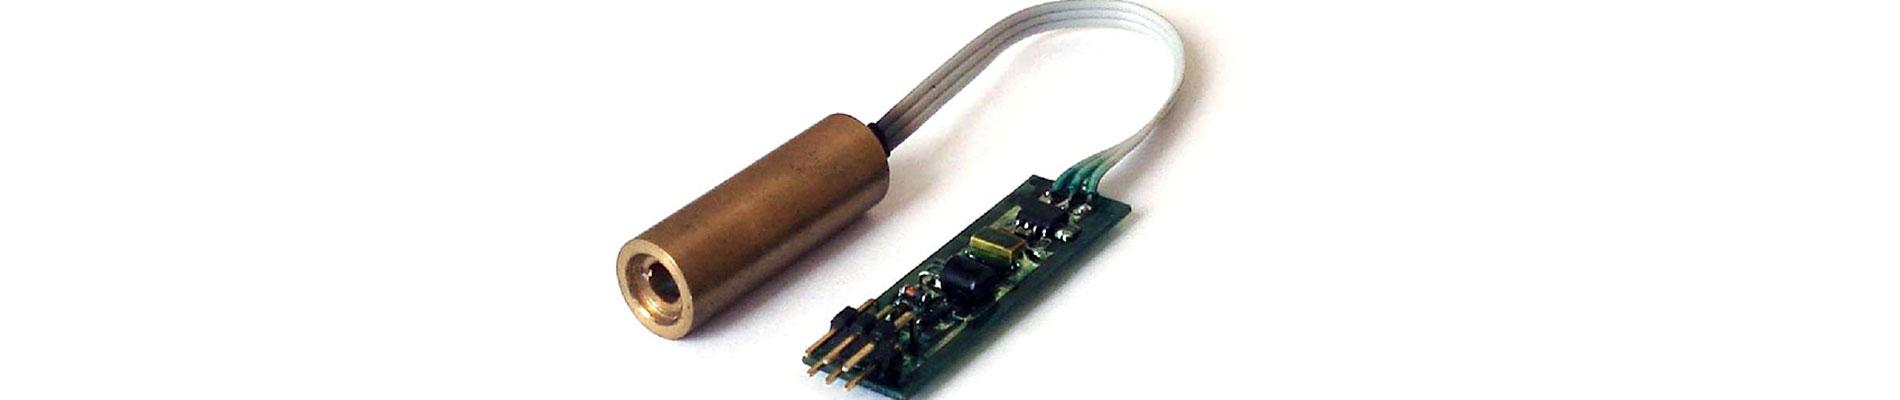 Лазерный модуль для морской навигации ЛМ-650-20